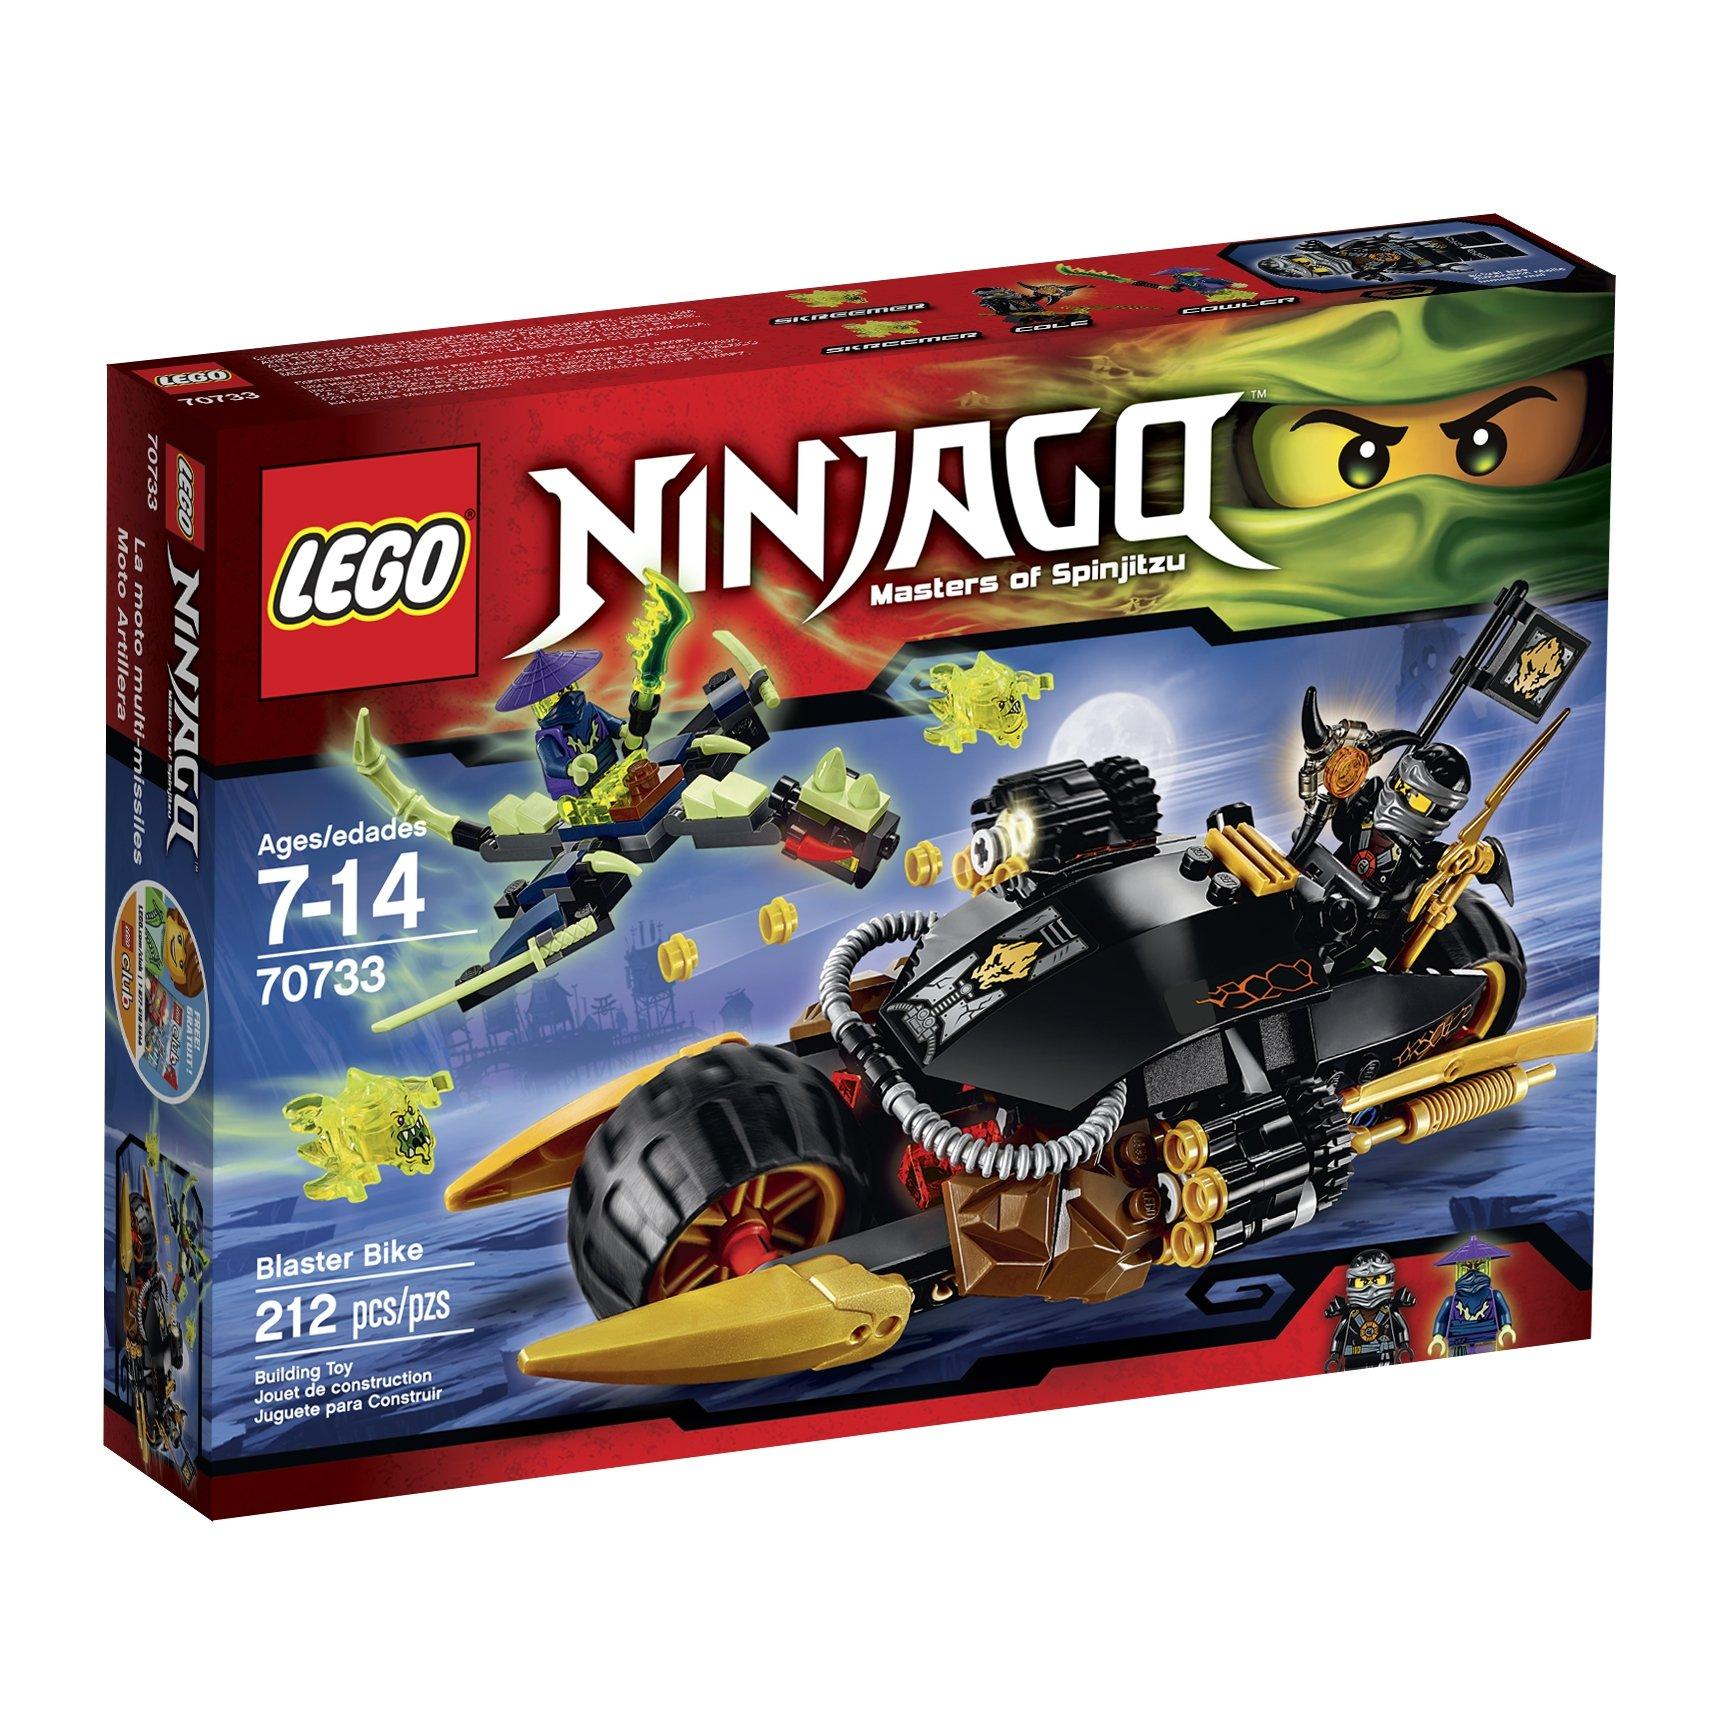 Buy Ninjago Lego Bike Now!